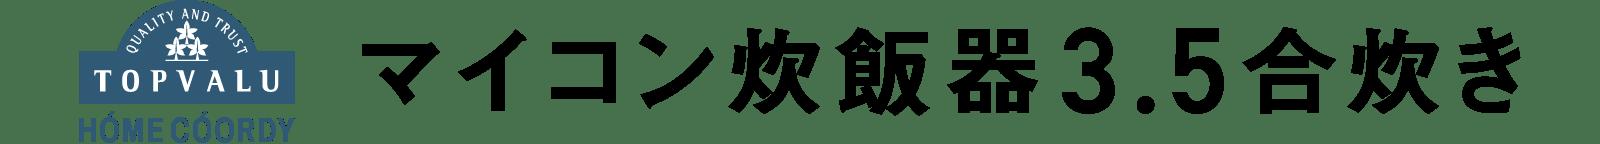 マイコン炊飯器3.5合炊き